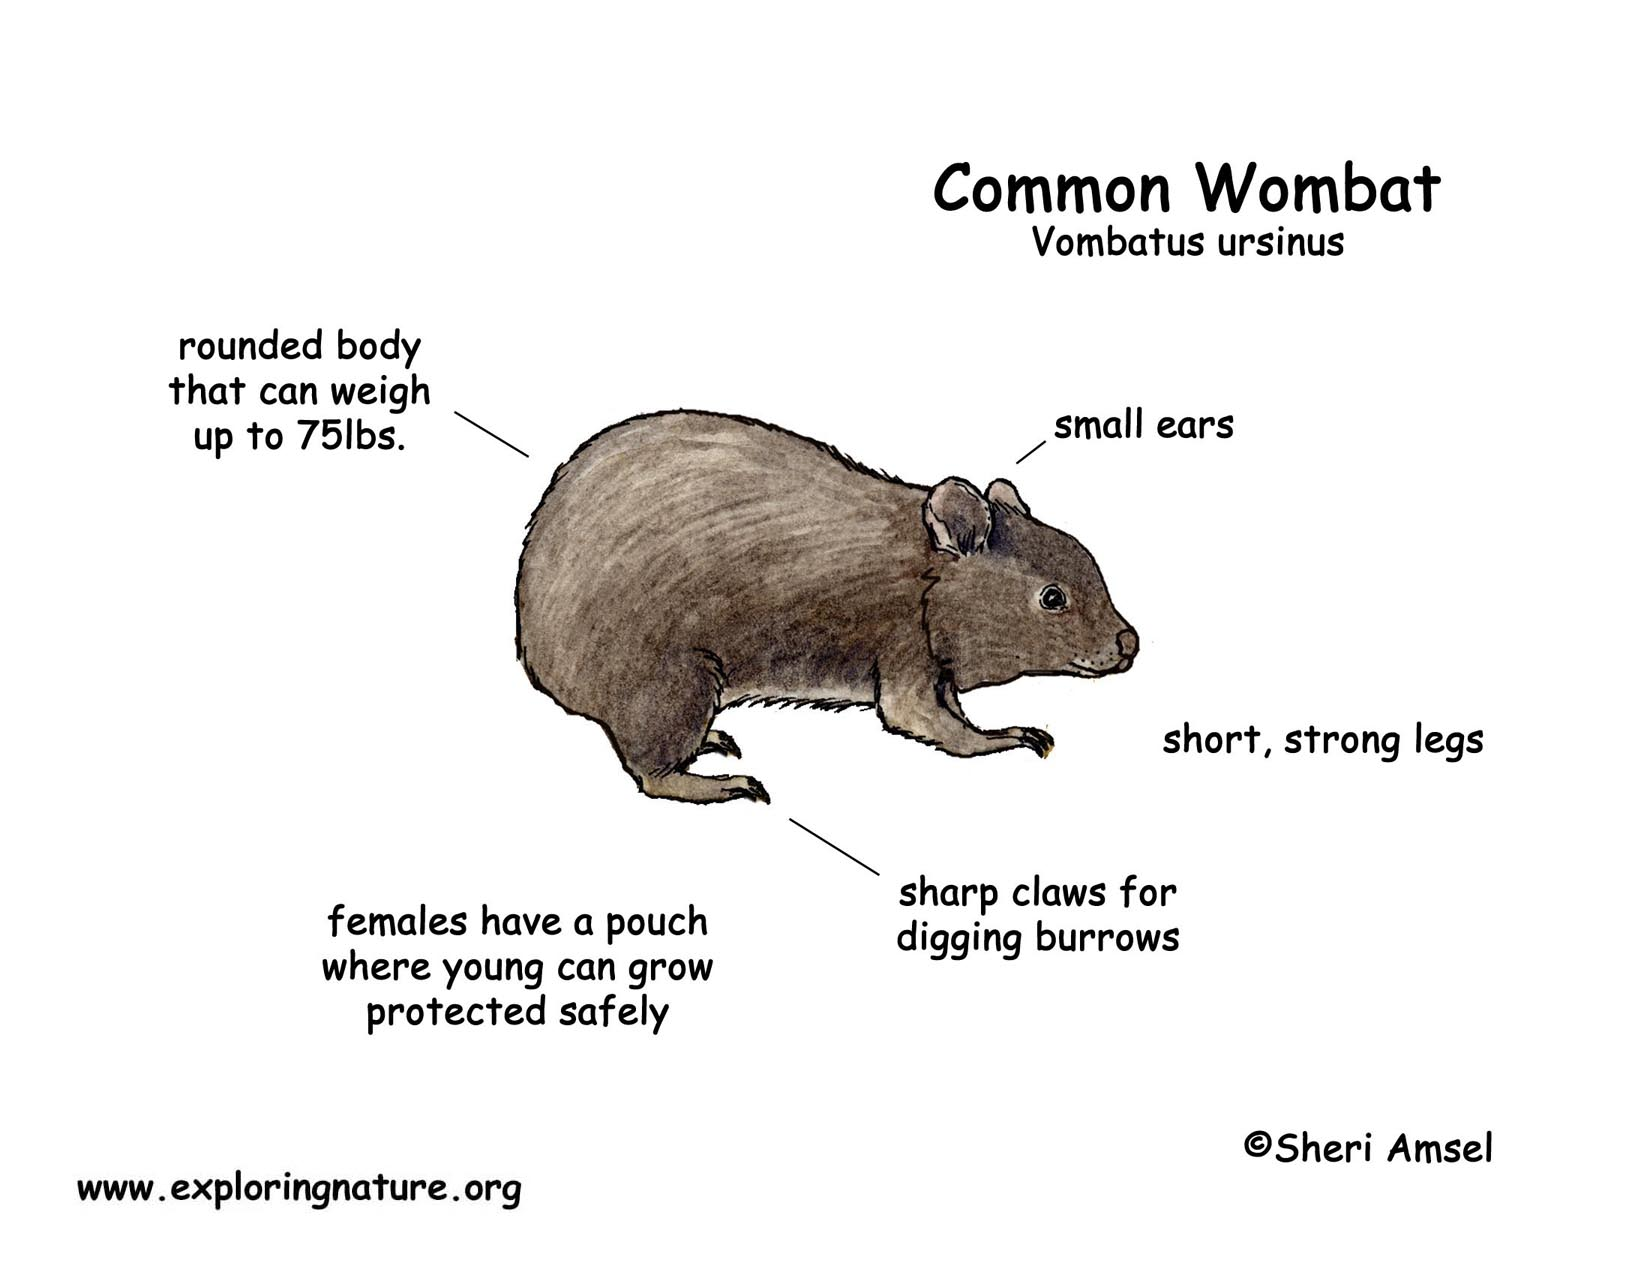 Wombat Common